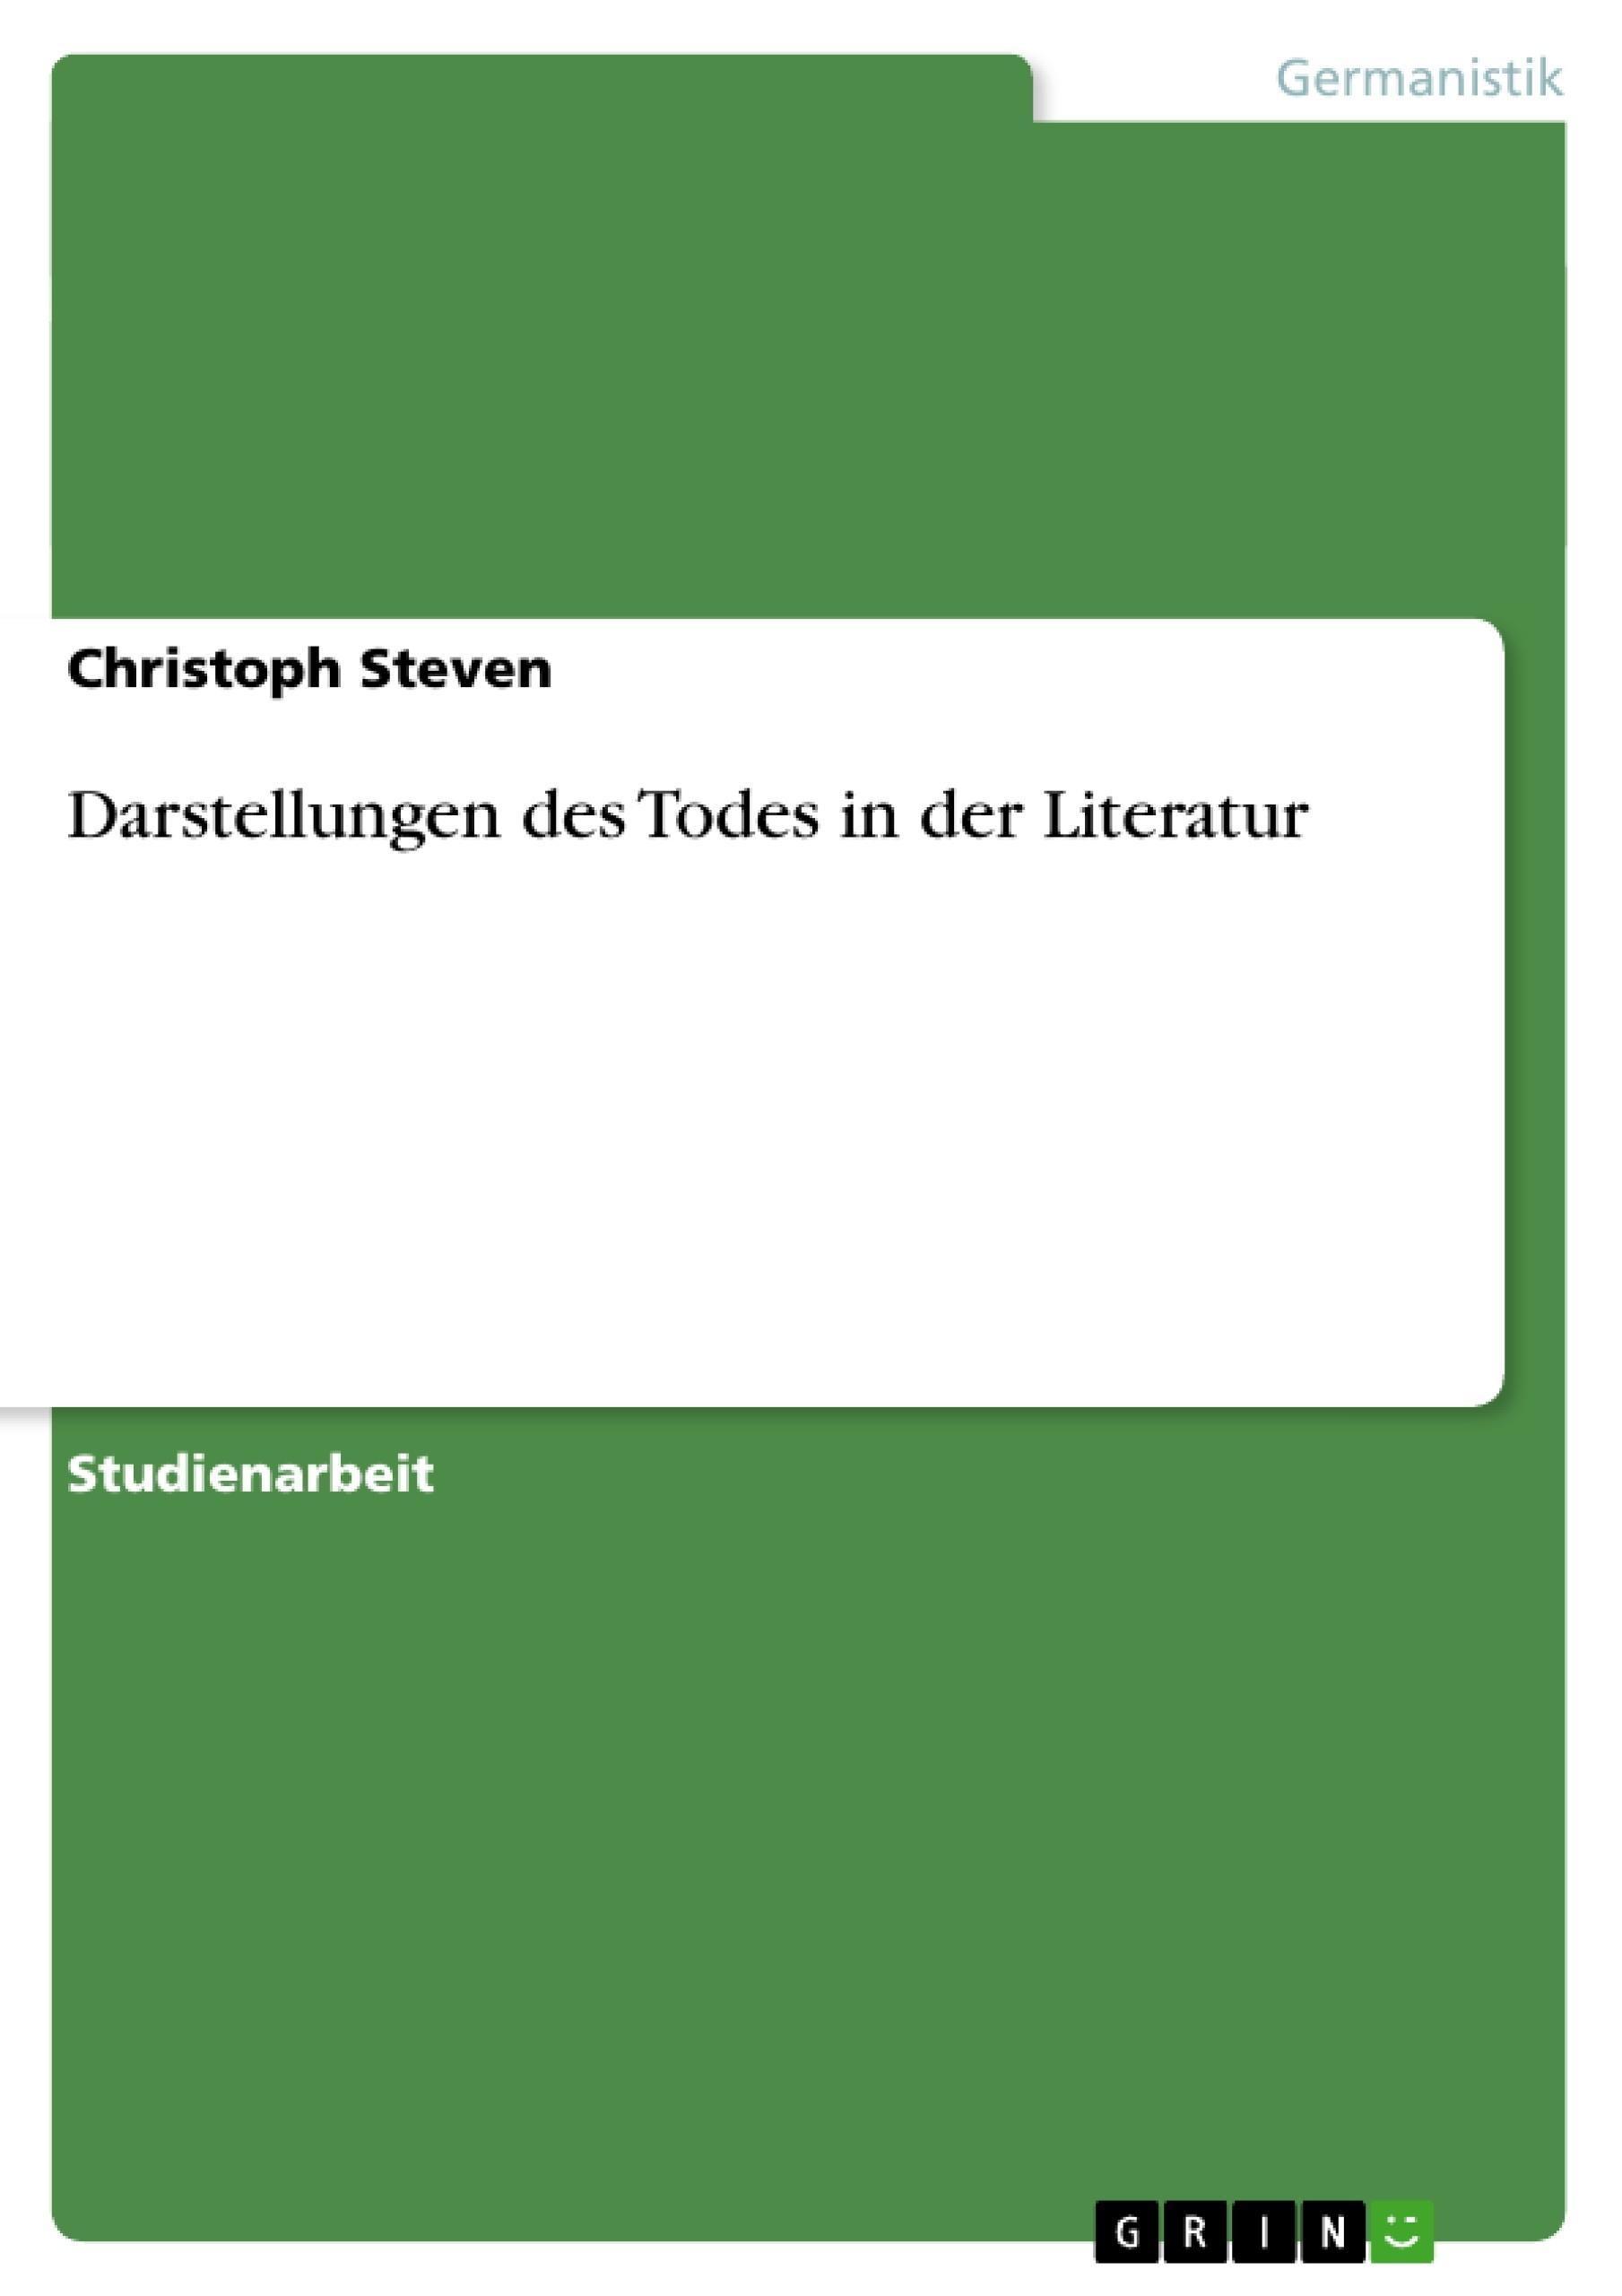 Titel: Darstellungen des Todes in der Literatur